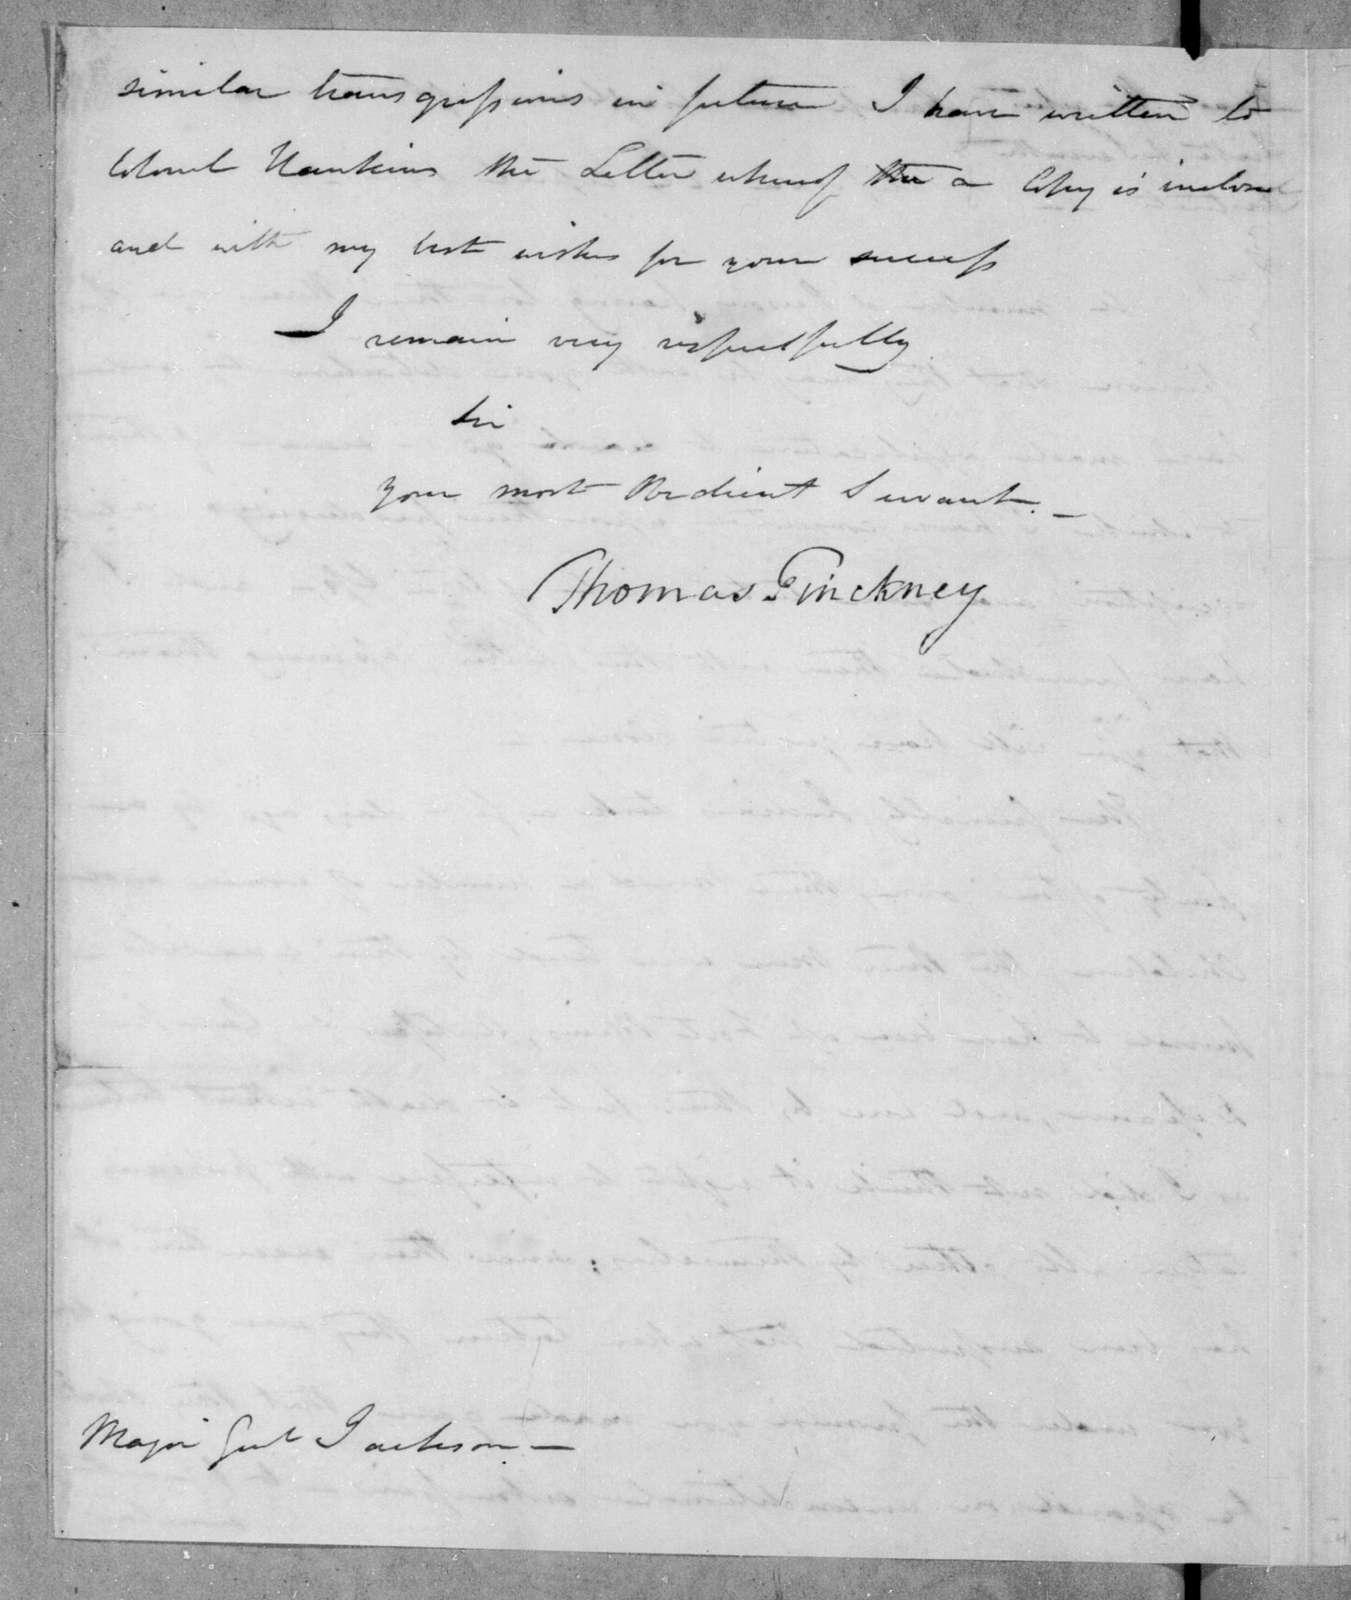 Thomas Pinckney to Andrew Jackson, April 24, 1814